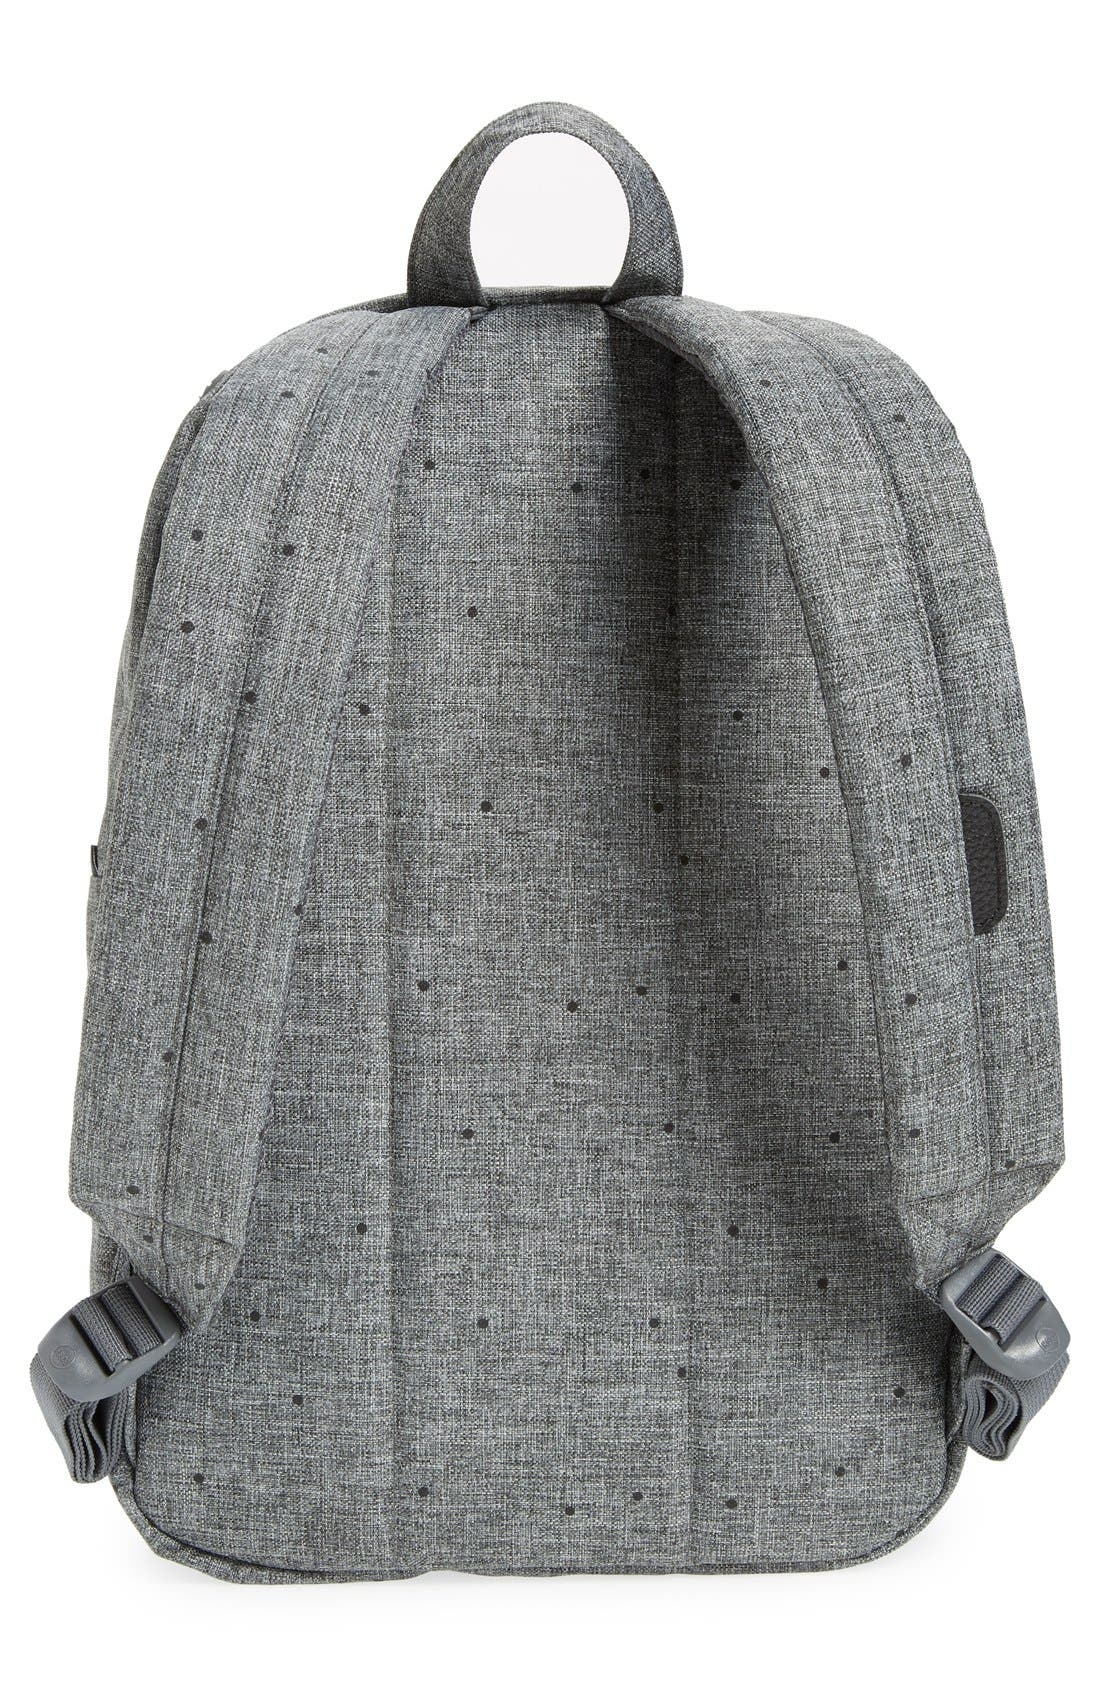 'Settlement - Mid-Volume Raven' Backpack,                             Alternate thumbnail 5, color,                             001